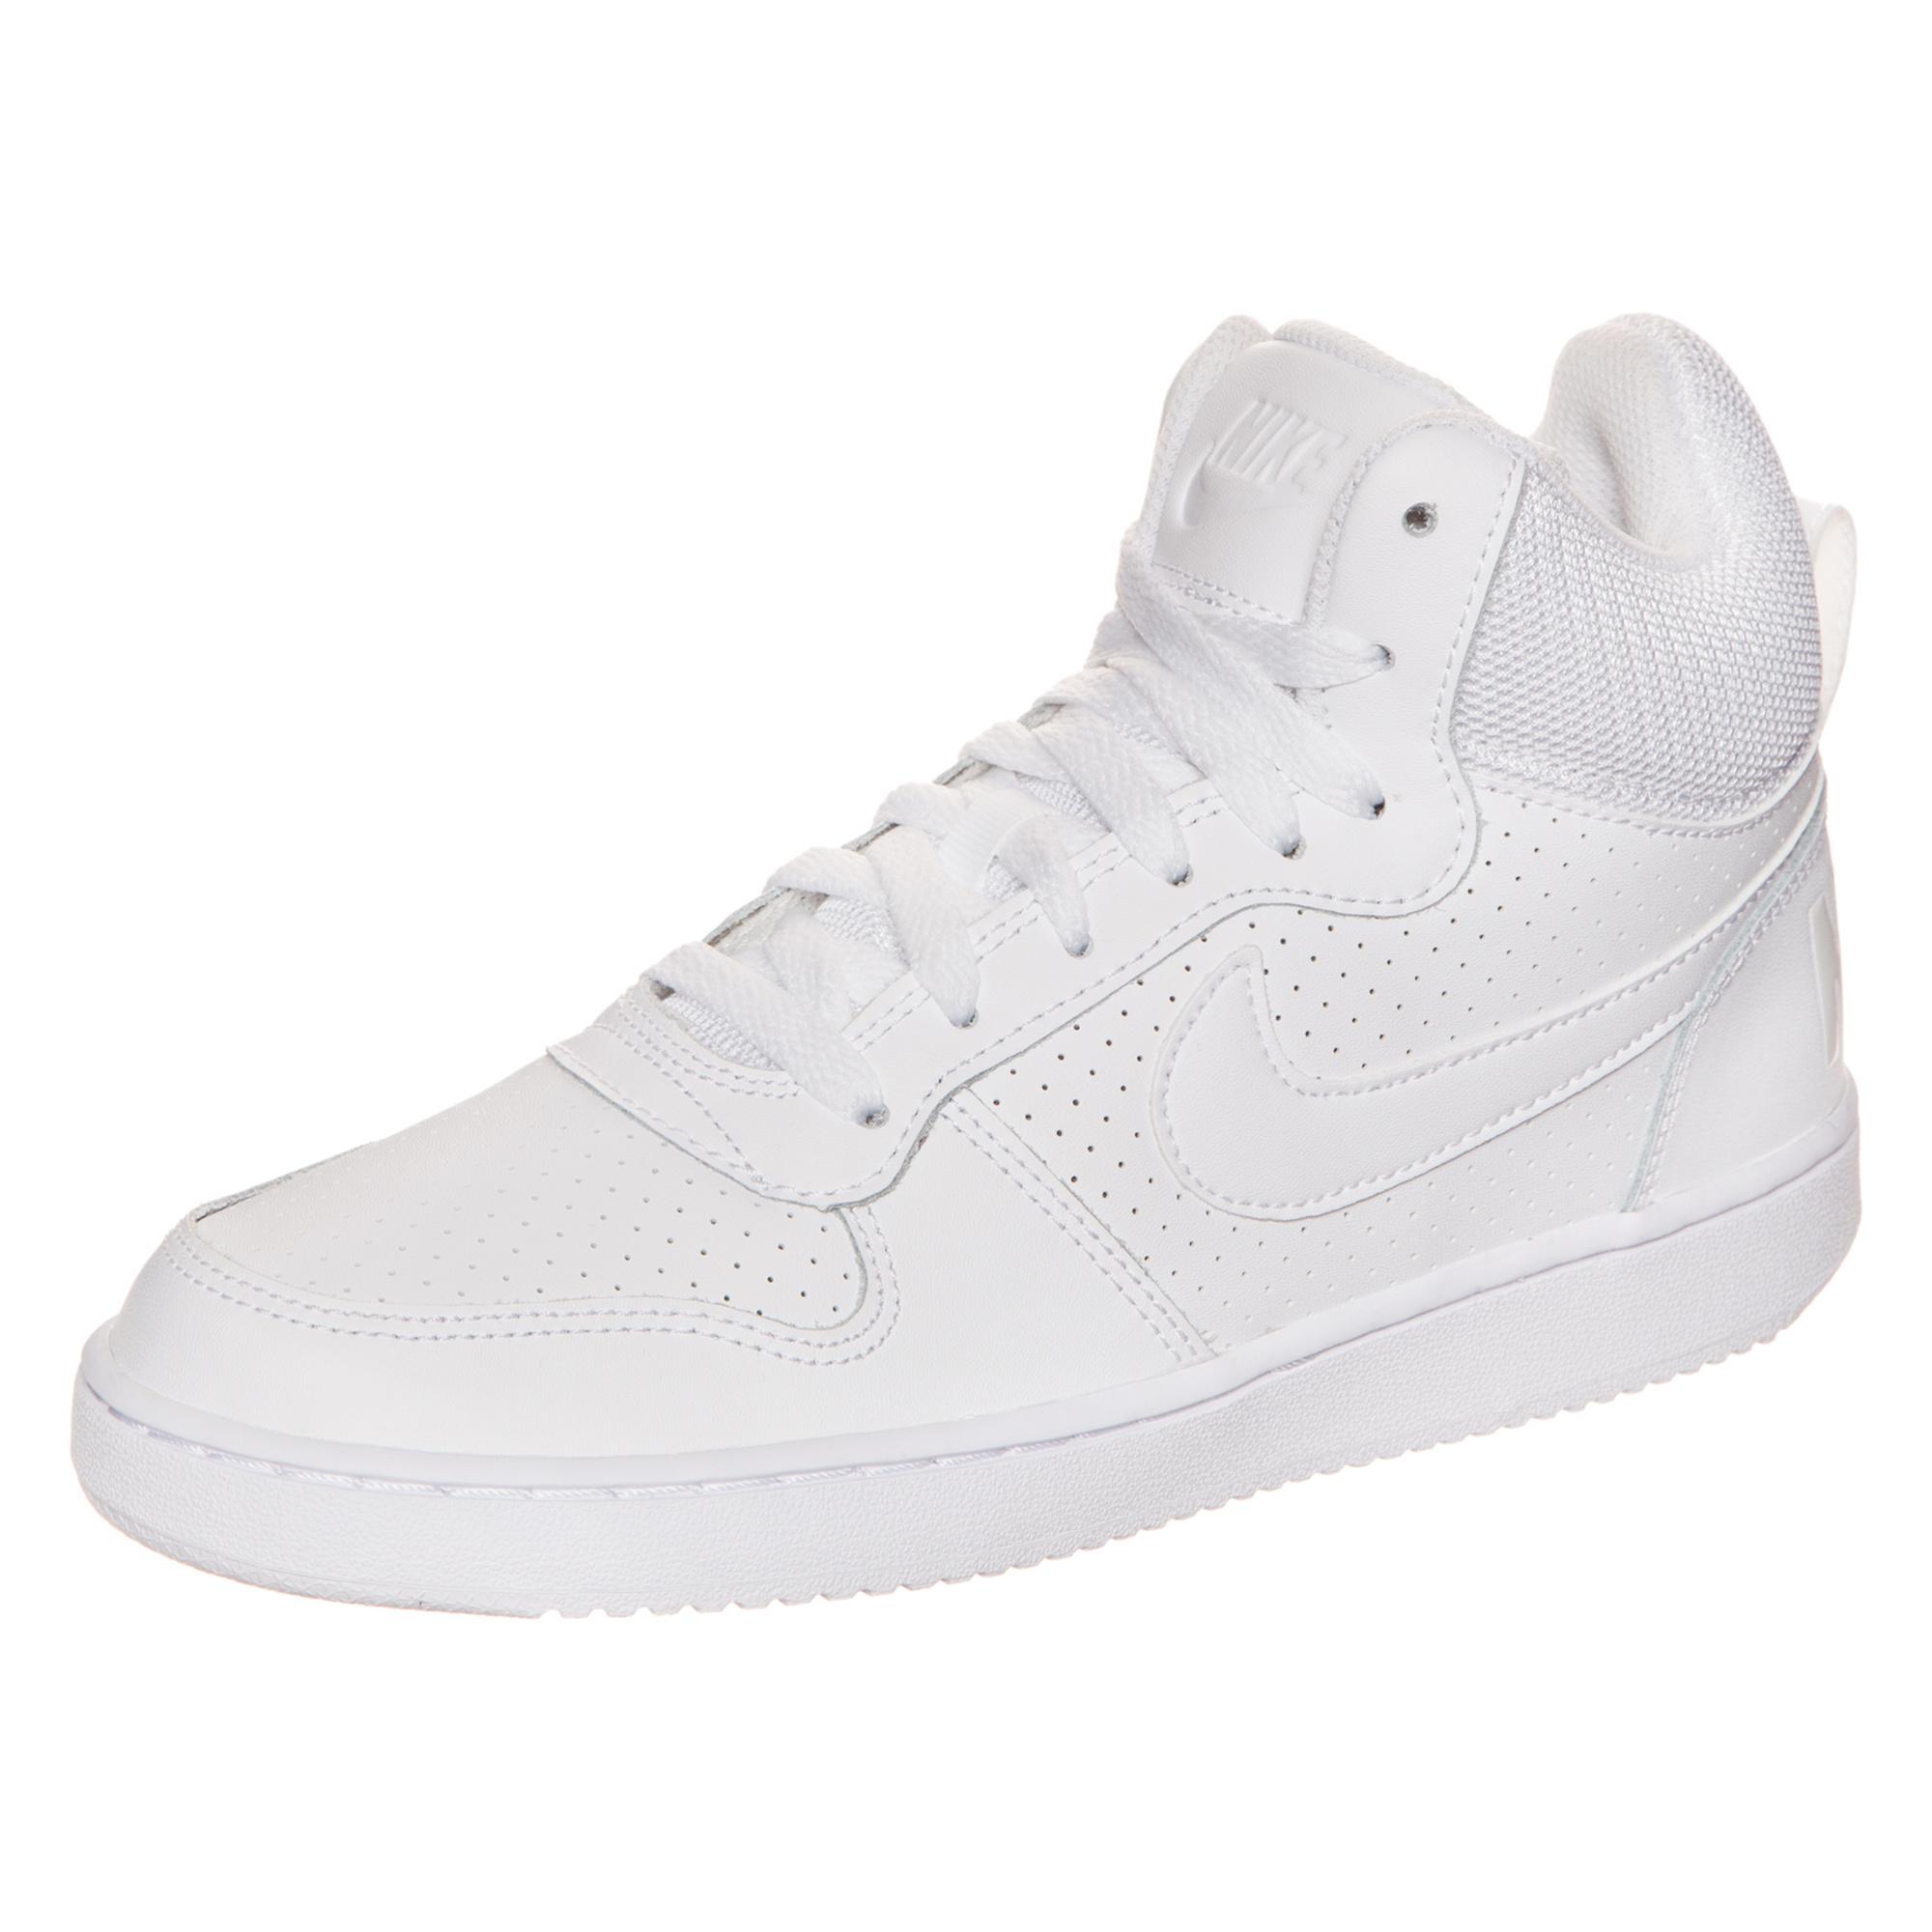 Rabatt Lifestyle > Frauen > Schuhe > Sneaker